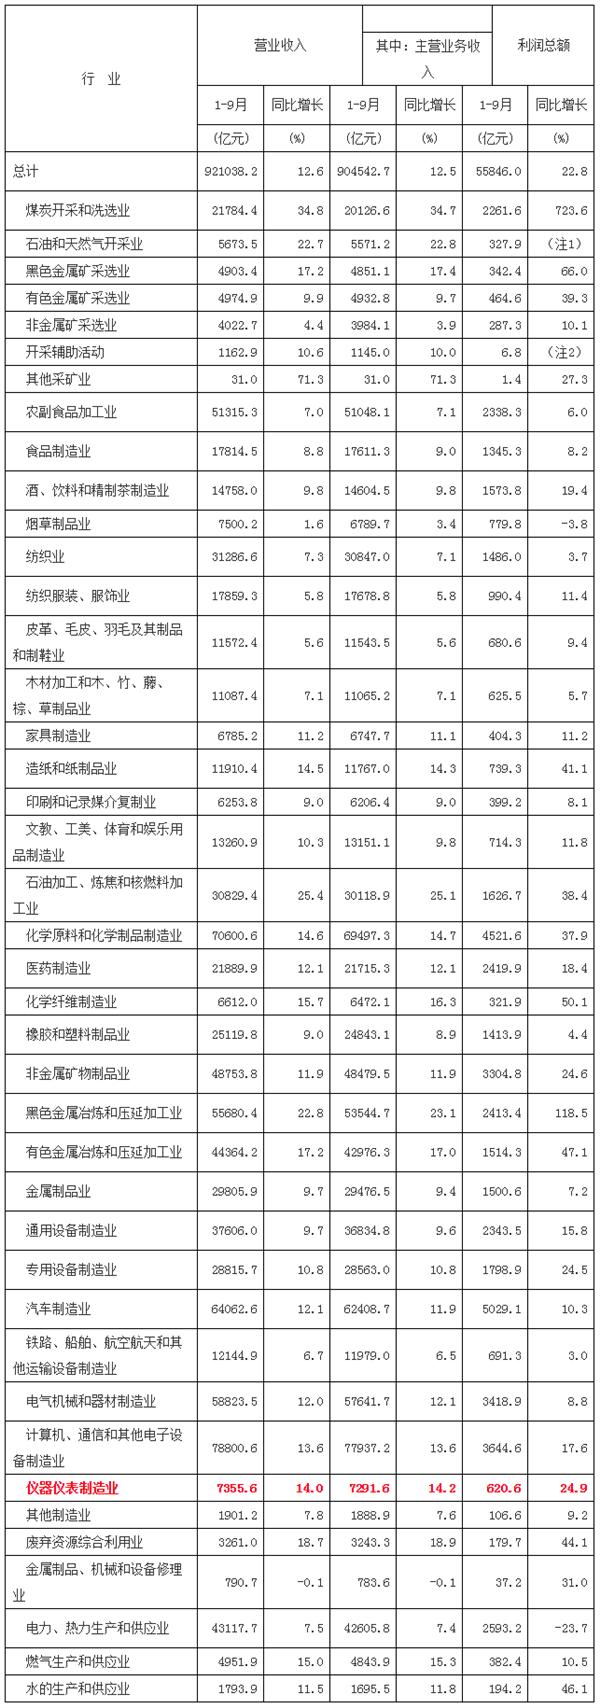 1-9月份仪器仪表制造业利润总额620.6亿